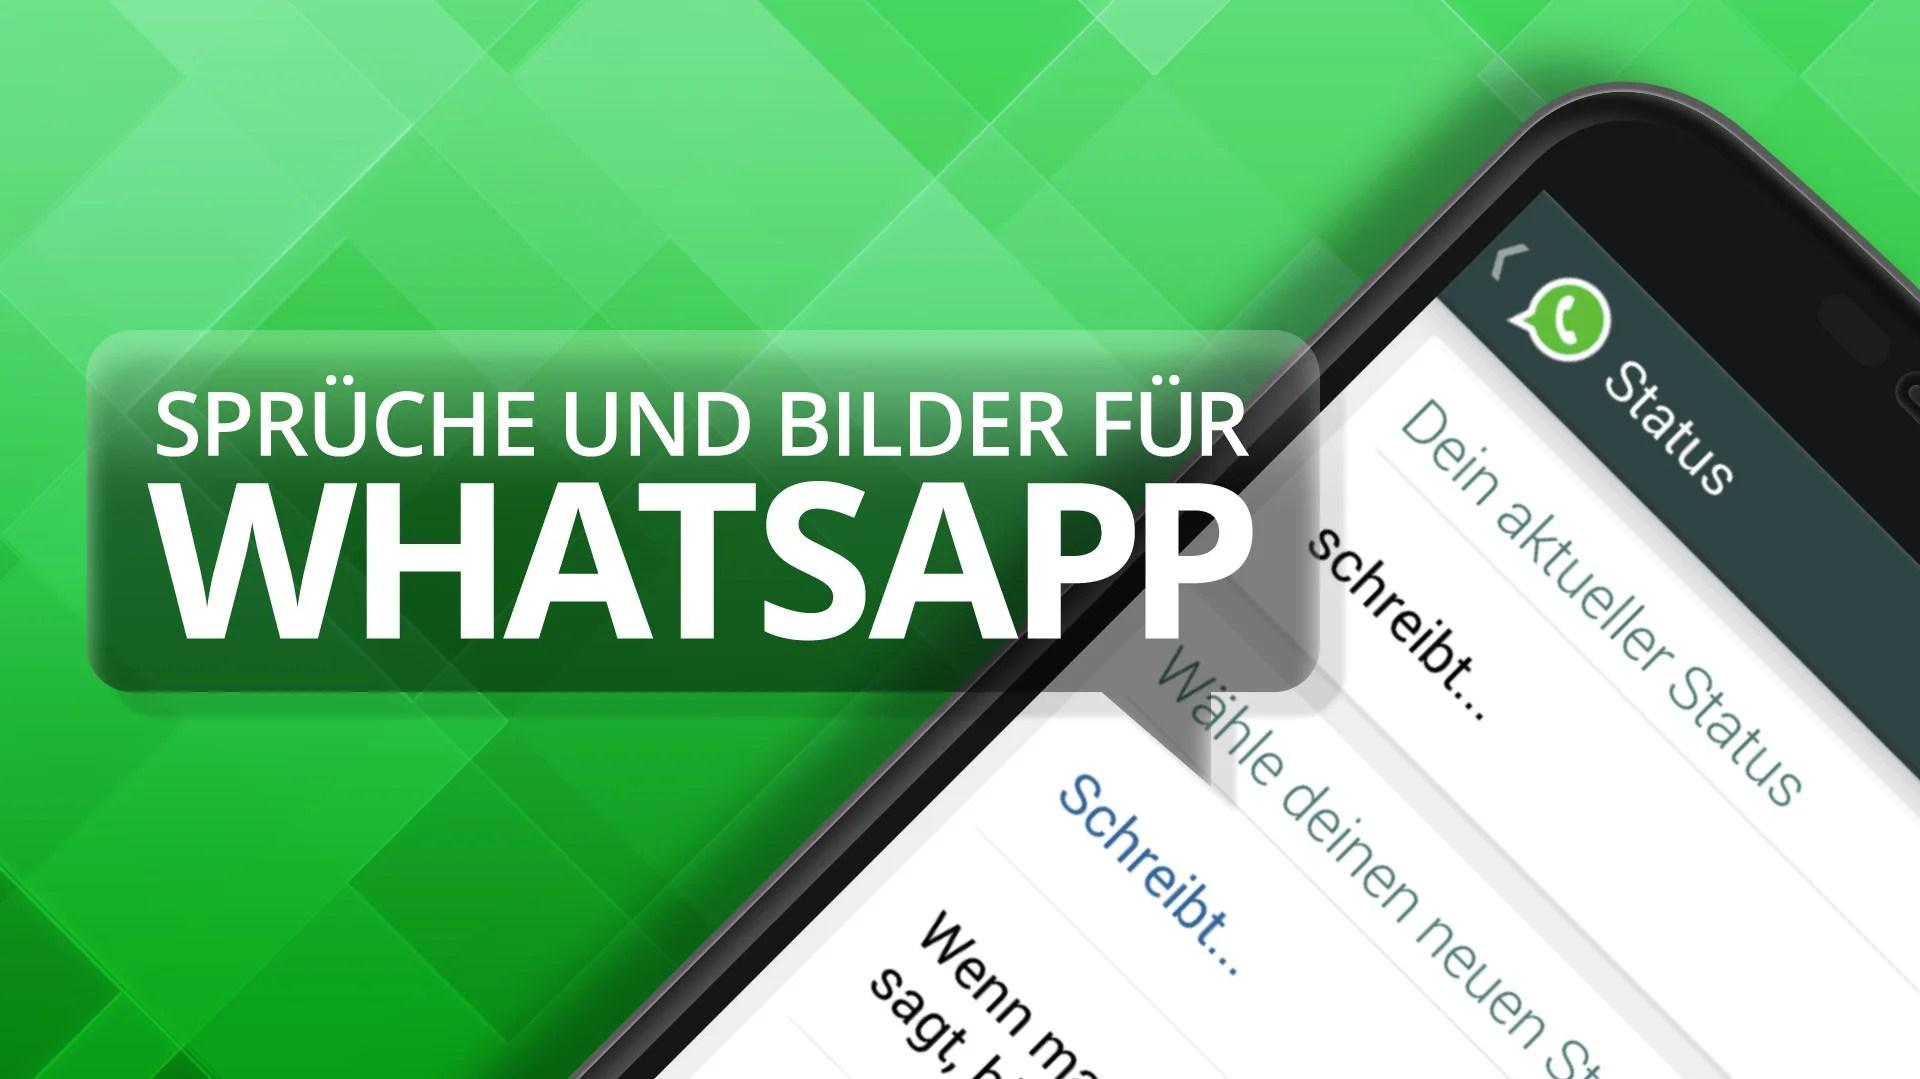 Lustige Spruche Fur Whatsapp Kostenlos Ostern Bei Whatsapp